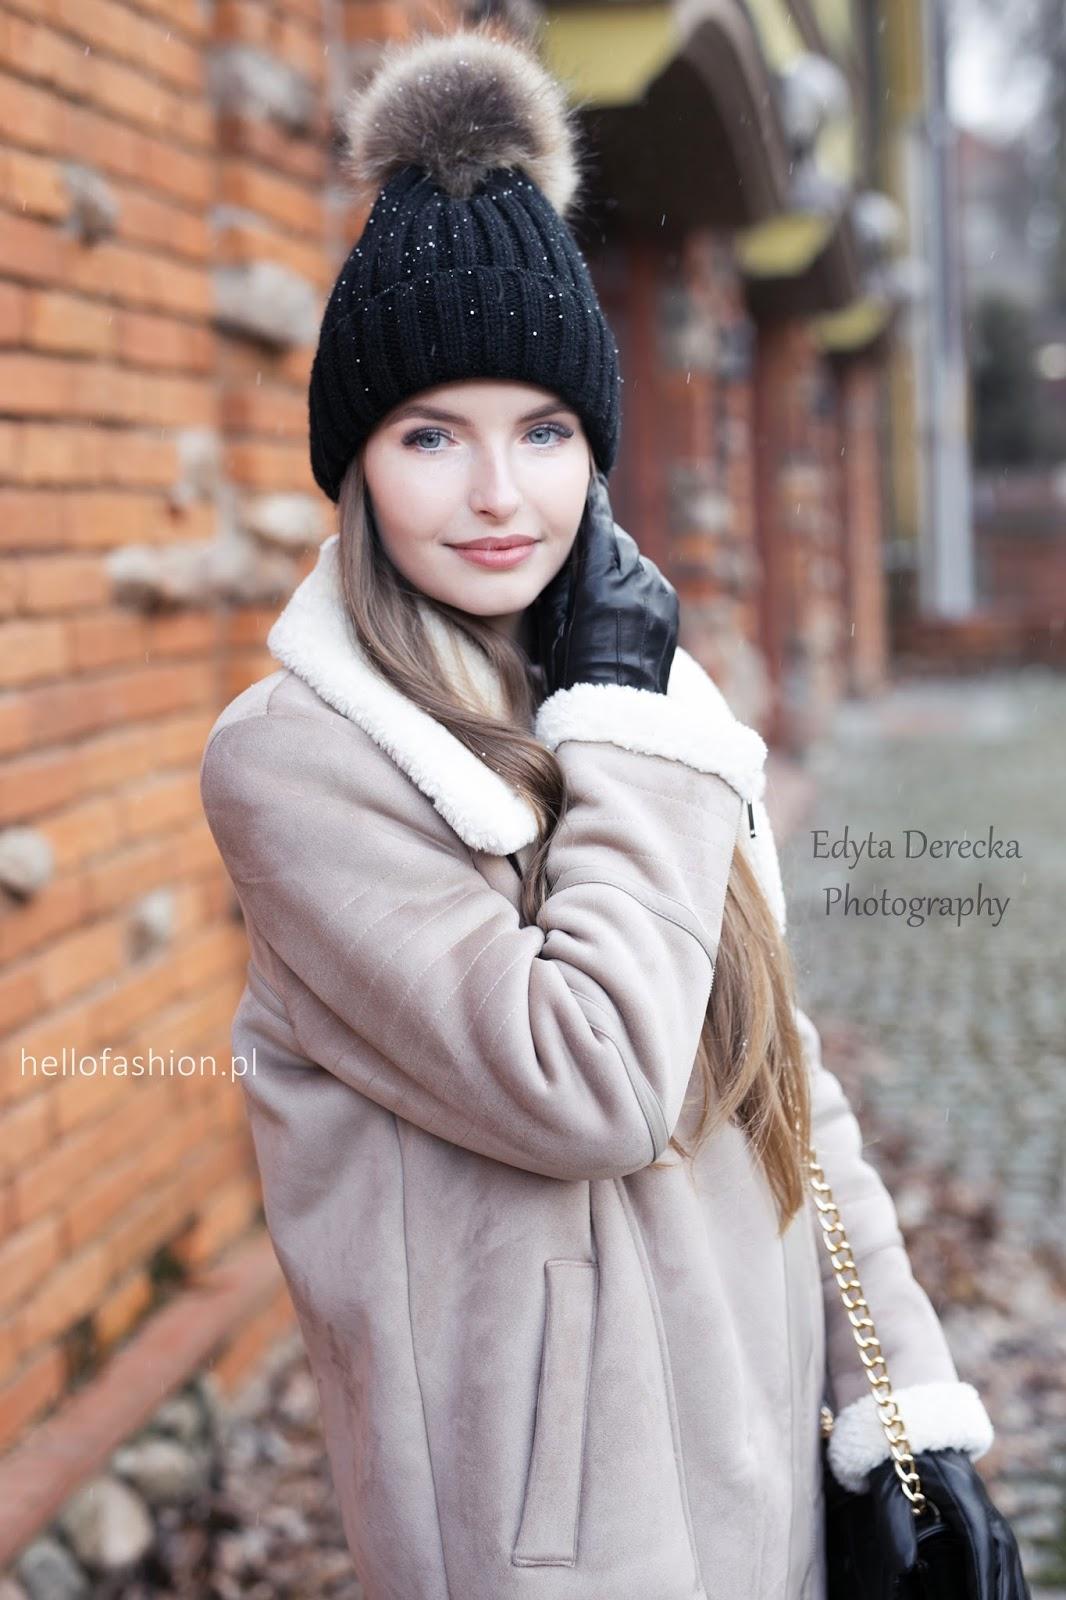 dziewczyna z instagrama olsztyn